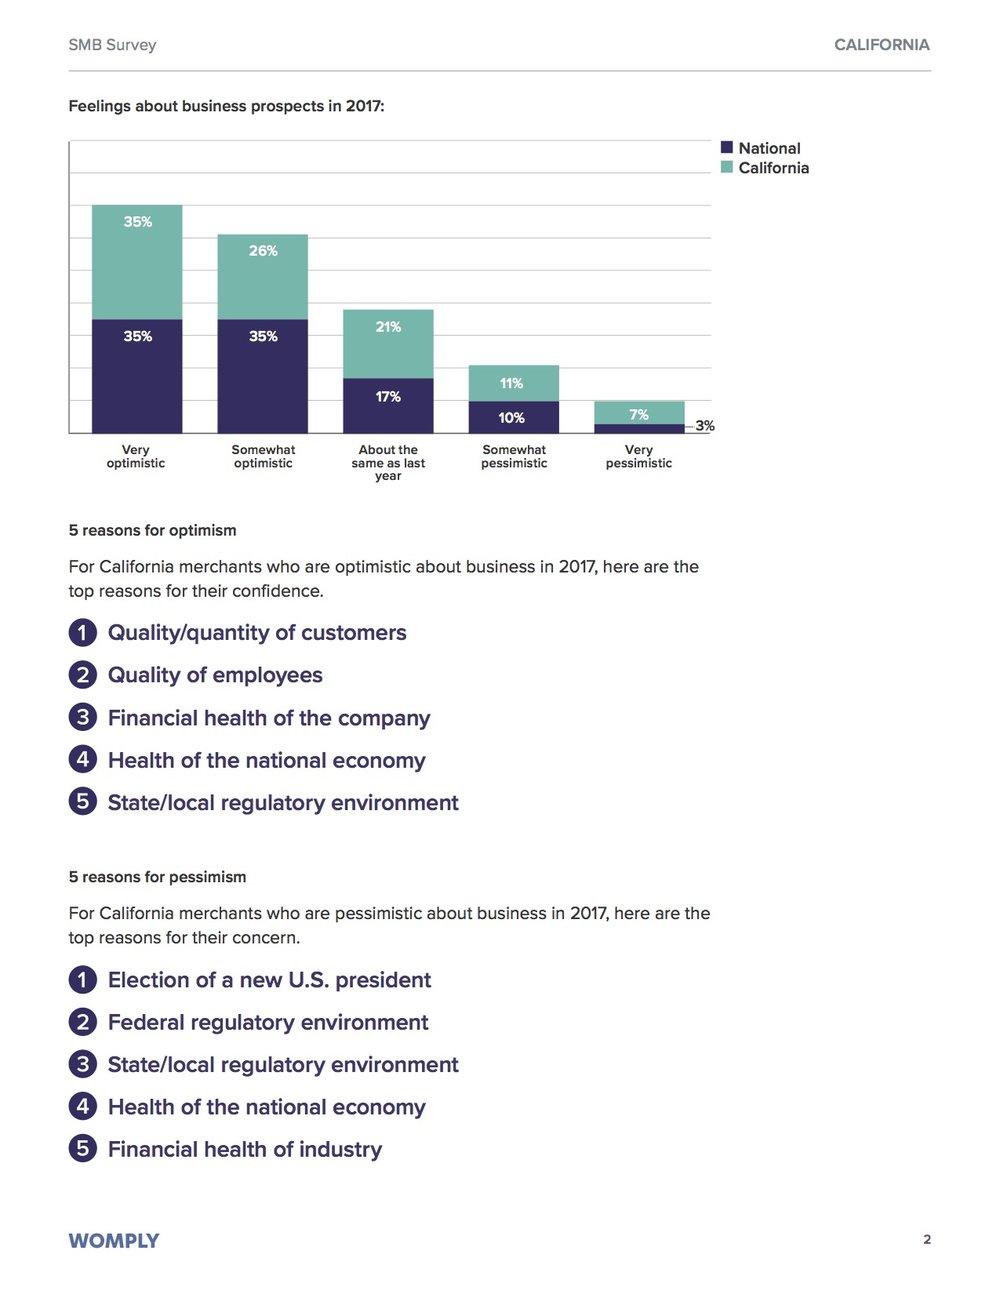 california-small-business-optimism-pessimism-2017